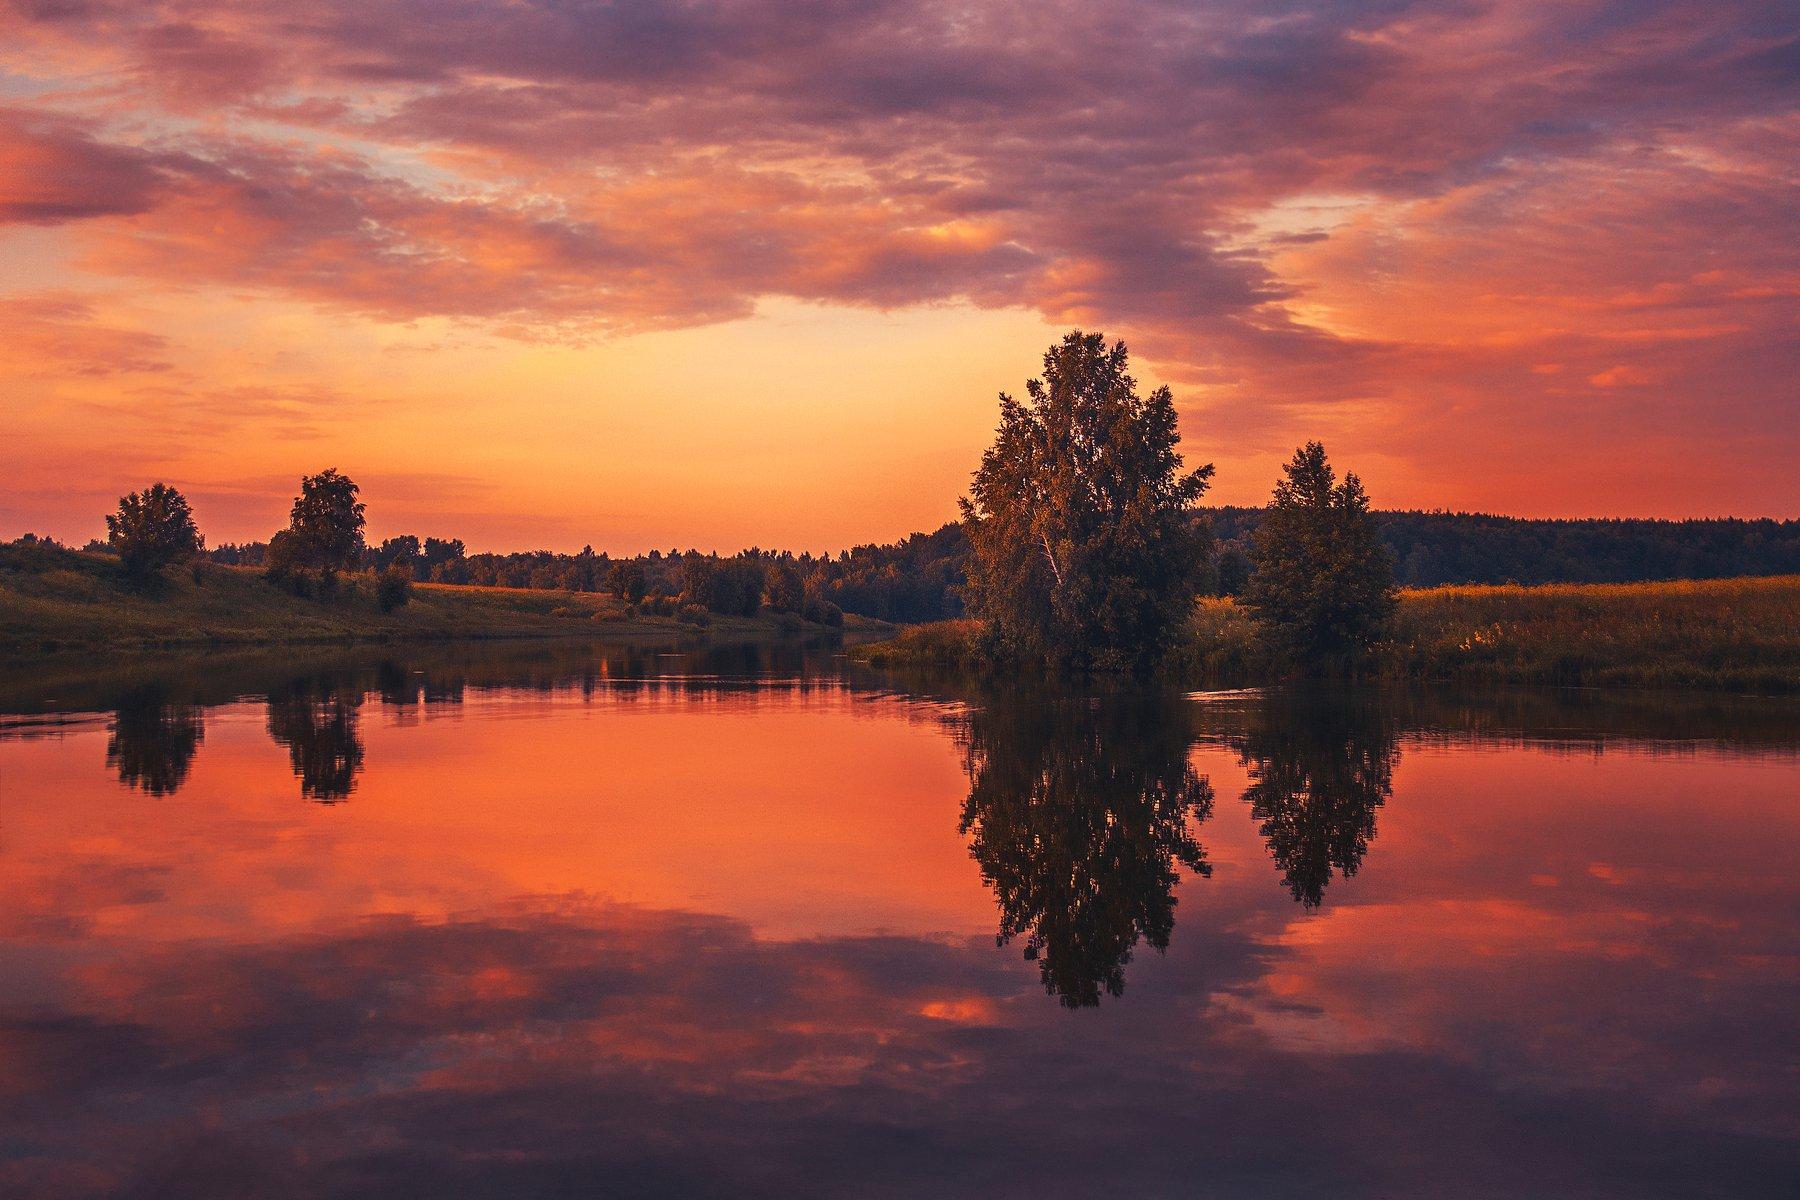 фото, природа, рассвет, река, лес, лето, Екатерина